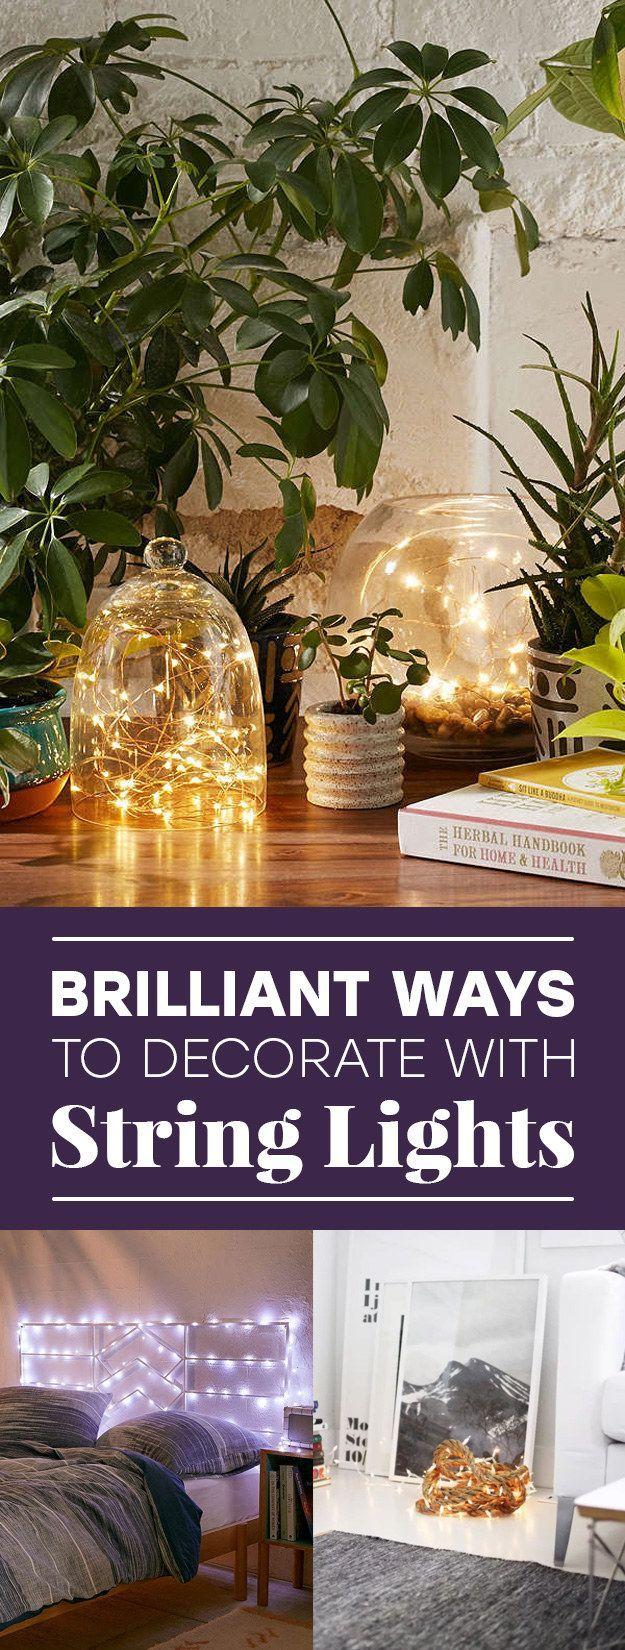 Mejores 19 imágenes de Ideas para el hogar en Pinterest   Ideas para ...